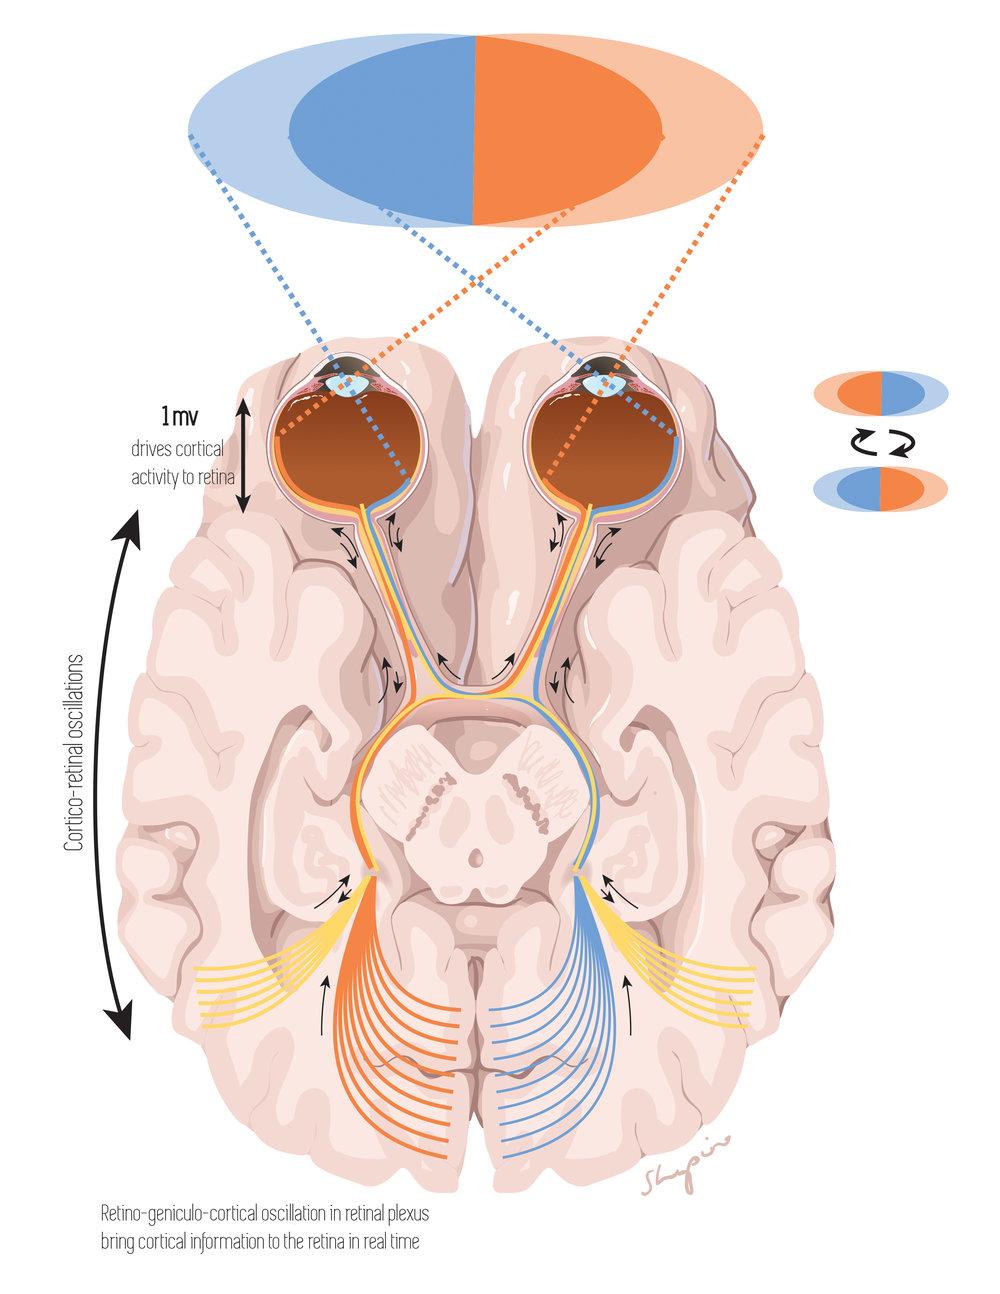 Retino-geniculo-cortical oscillation